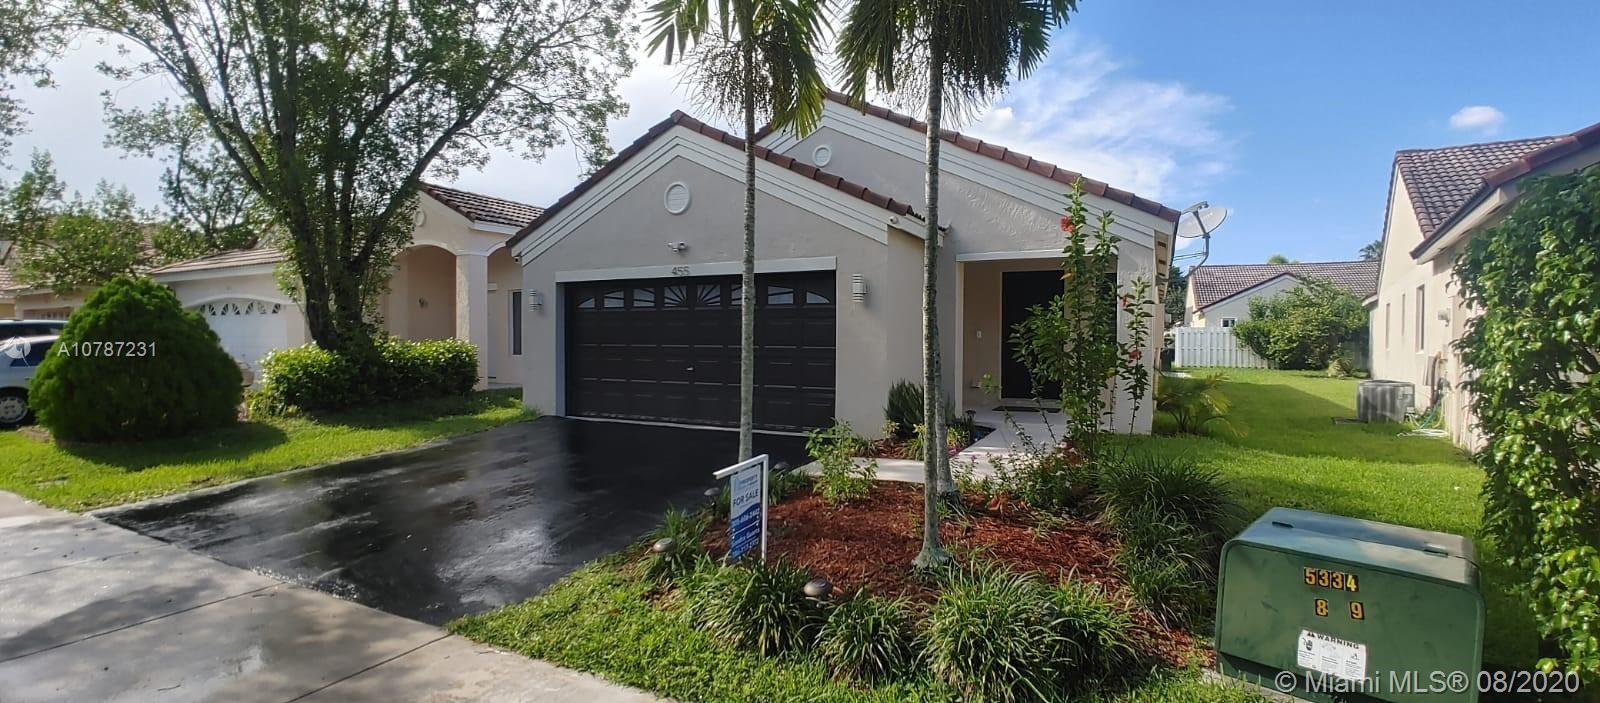 455 Talavera Rd, Weston, FL 33326 - #: A10787231